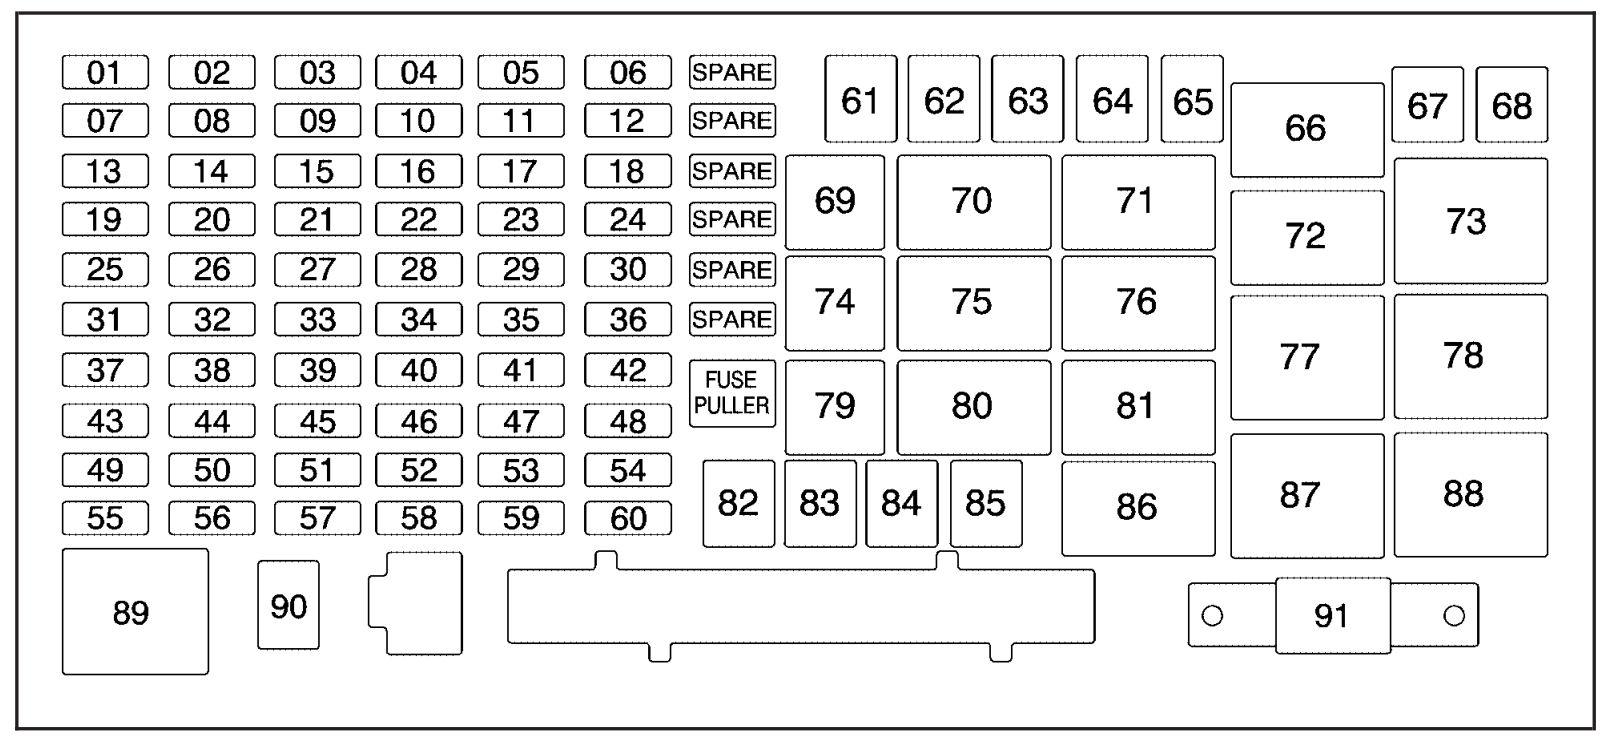 2006 Hummer H3 Fuse Box Wiring Diagram Schematics H2 Window 2009 Label